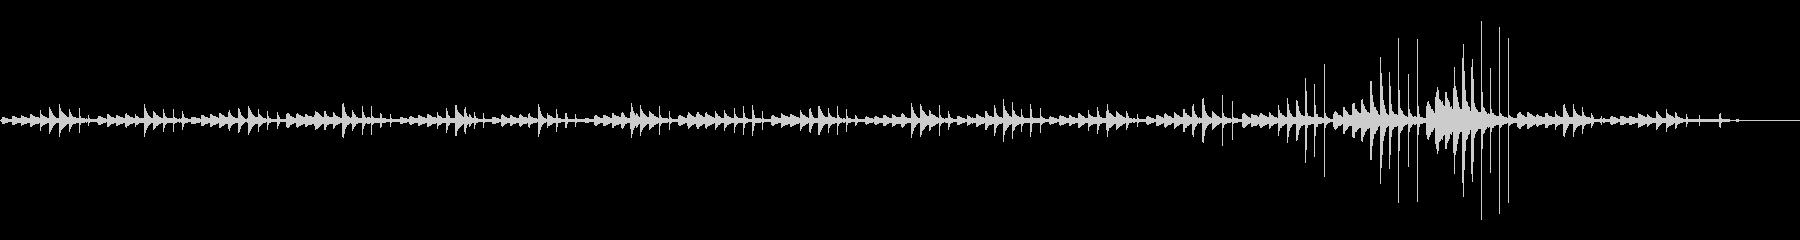 ソロピアノ。風通しの良い音符間隔。...の未再生の波形